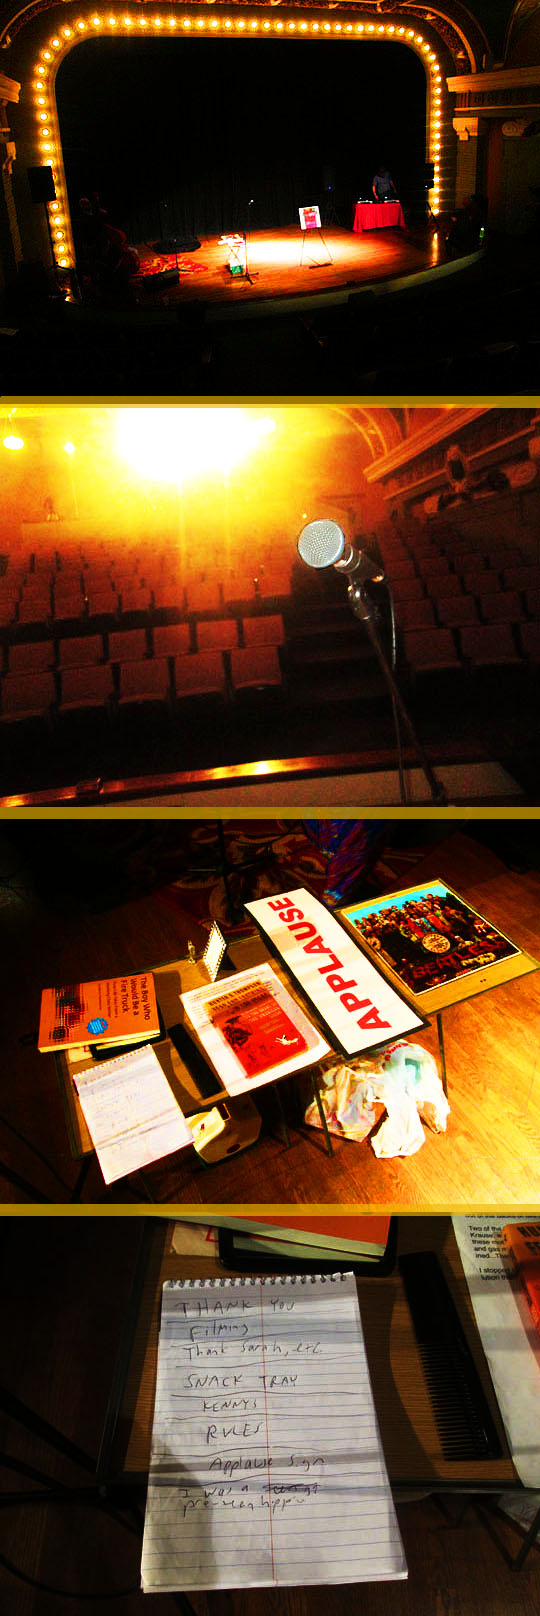 4. theatermystuff_april24-19.jpg